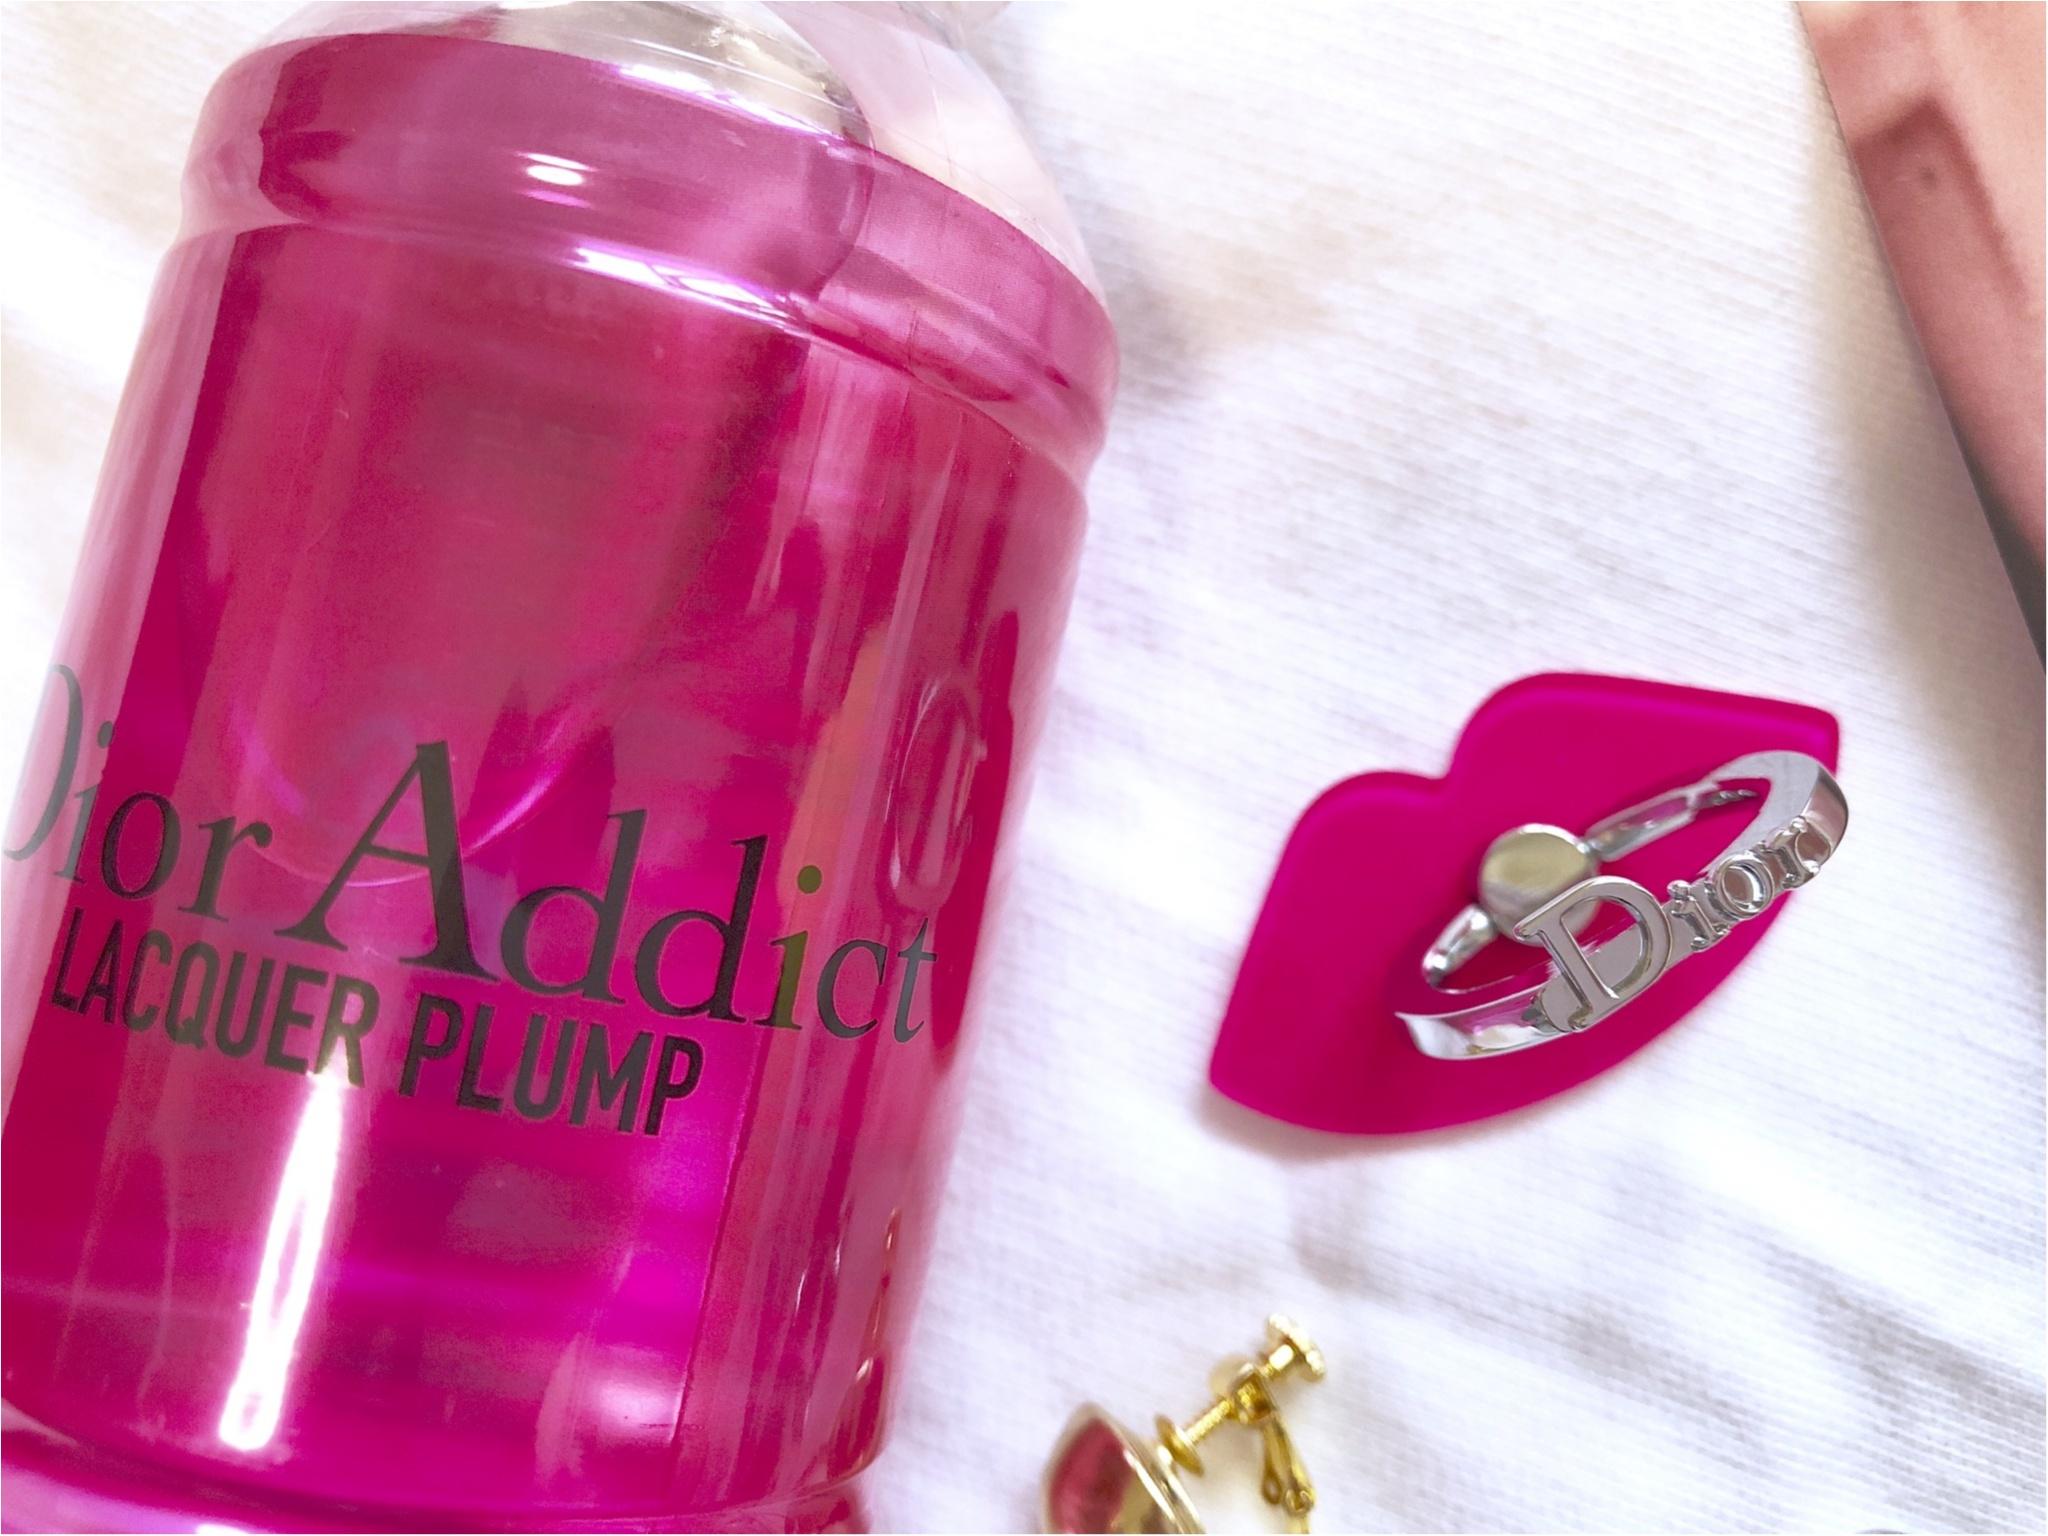 限定ノベルティや刻印も❤️【Dior addictラッカープランプ】発売記念イベントに行ってきました!_5